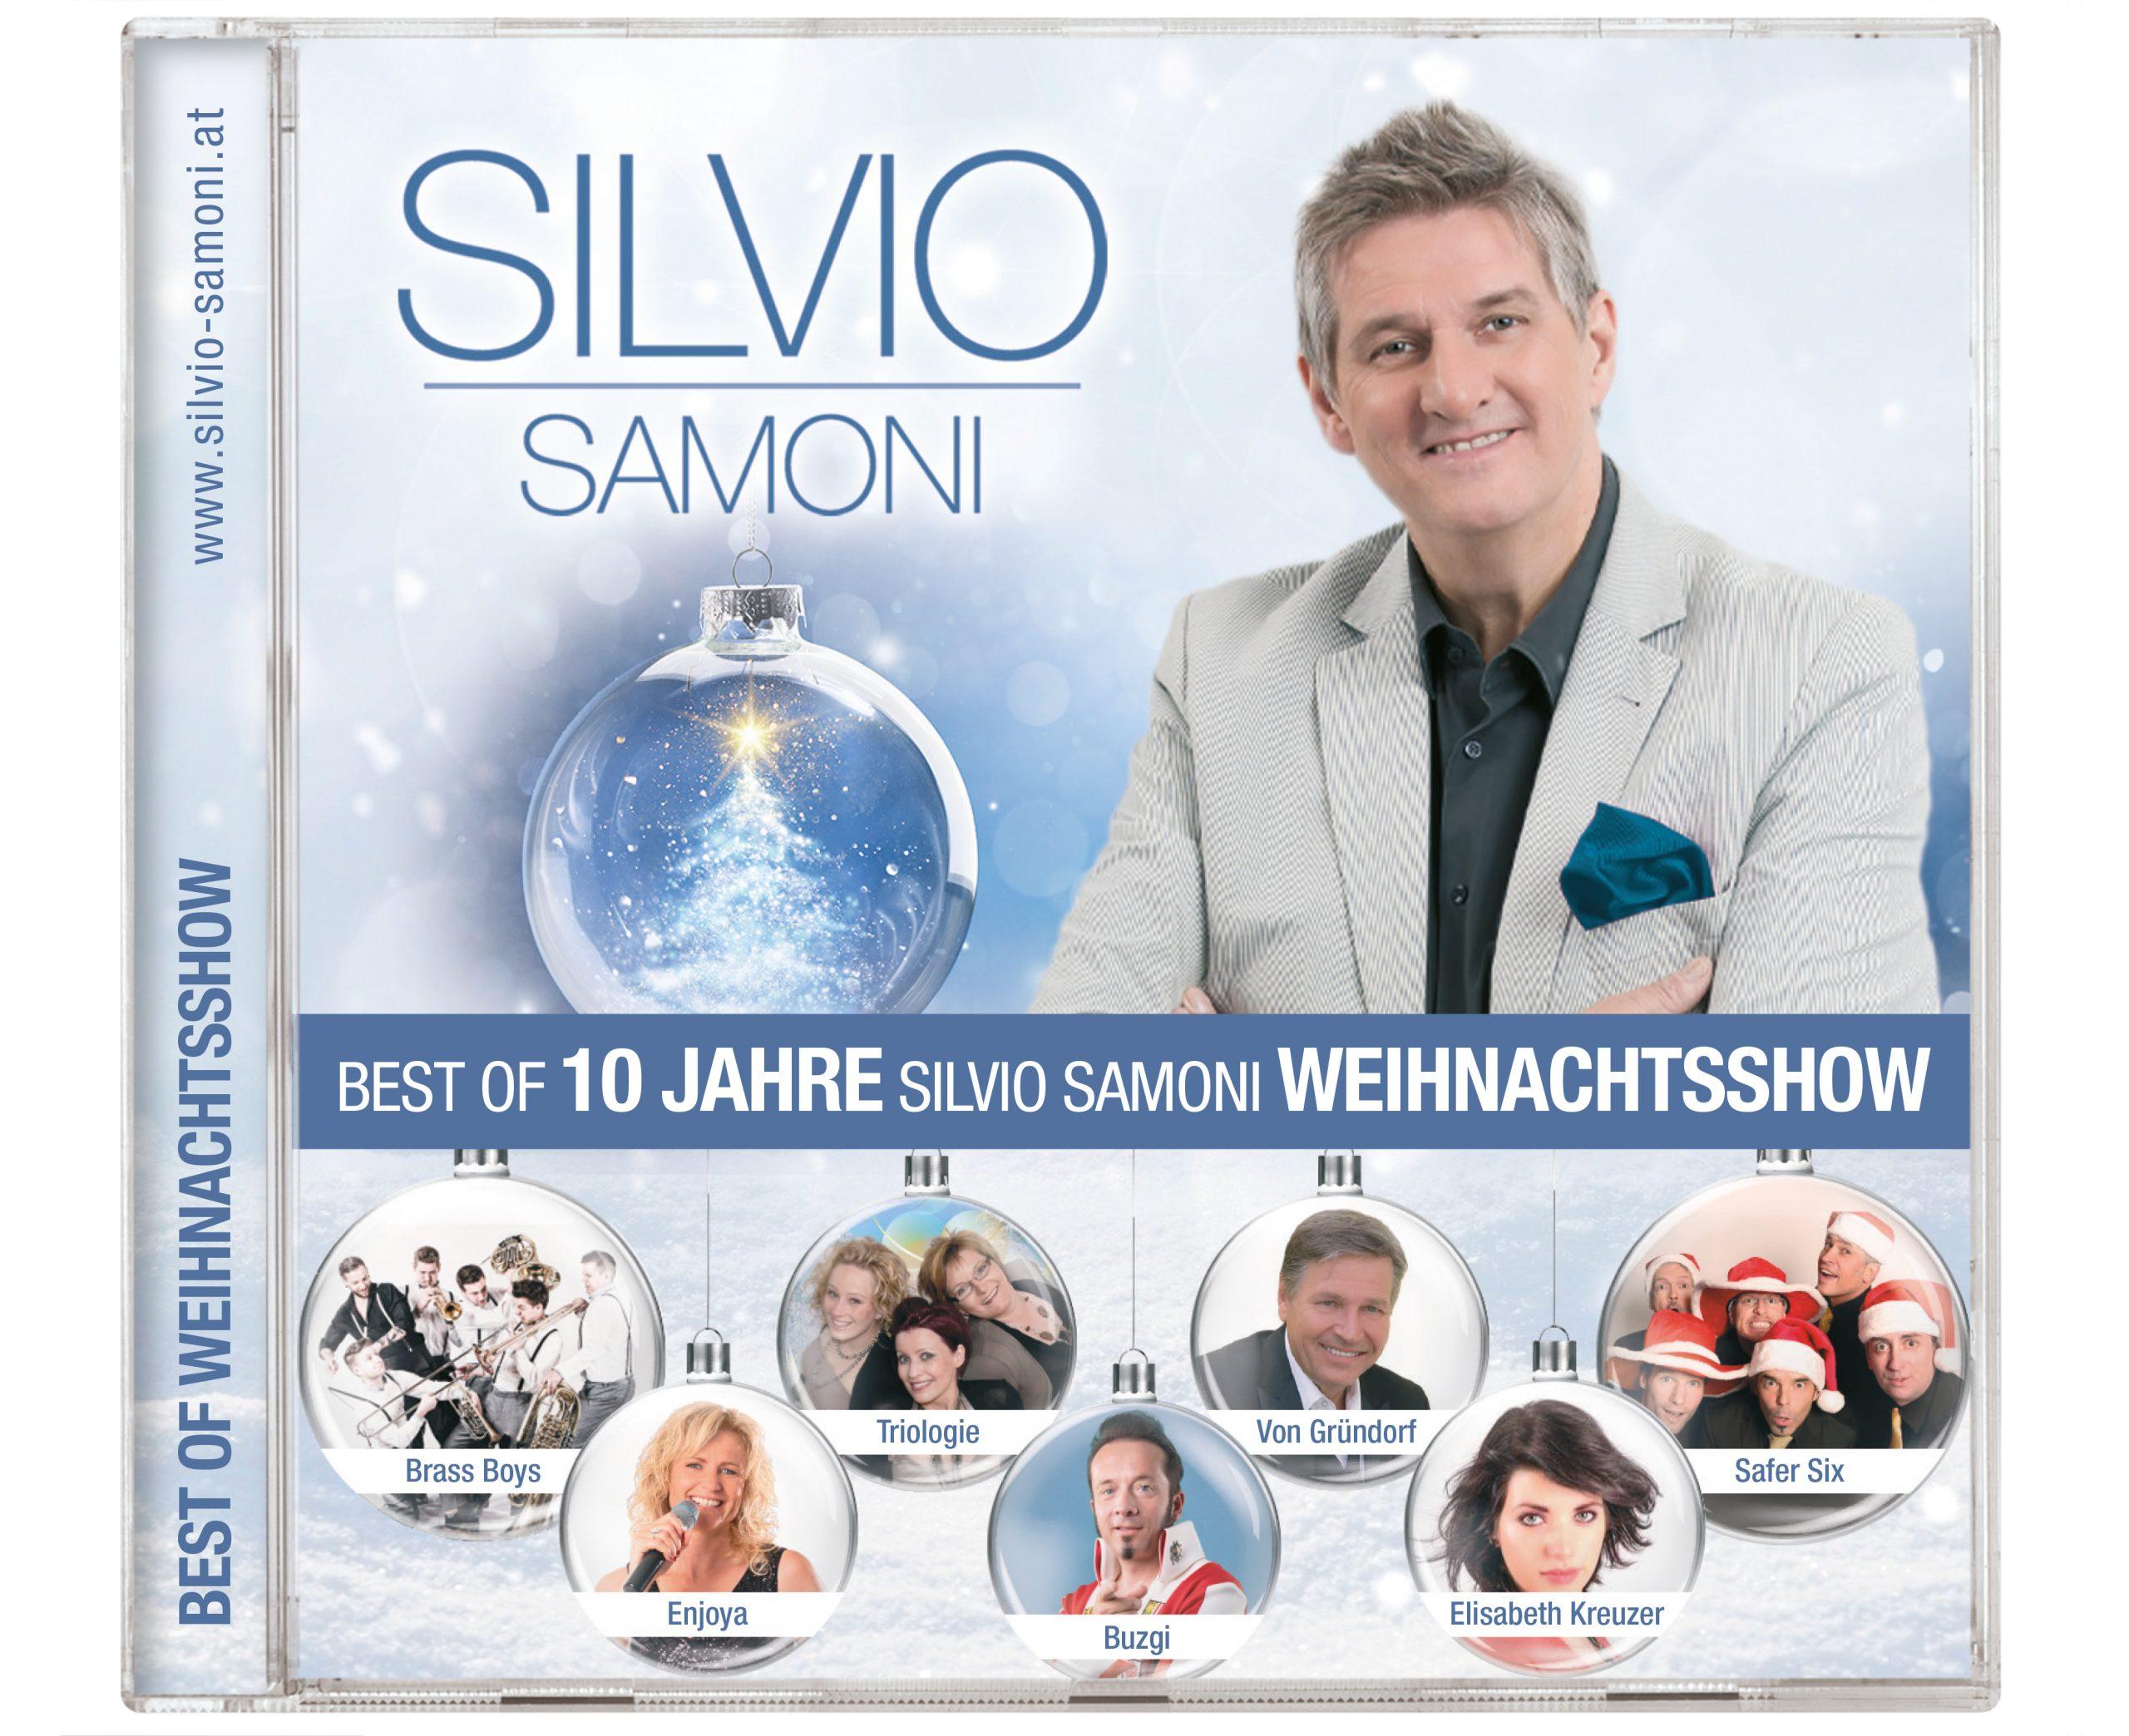 Silvio Bringt Neue CD – BEST OF 10 Jahre Silvio Samoni Weihnachtsshow Auf Den Markt!